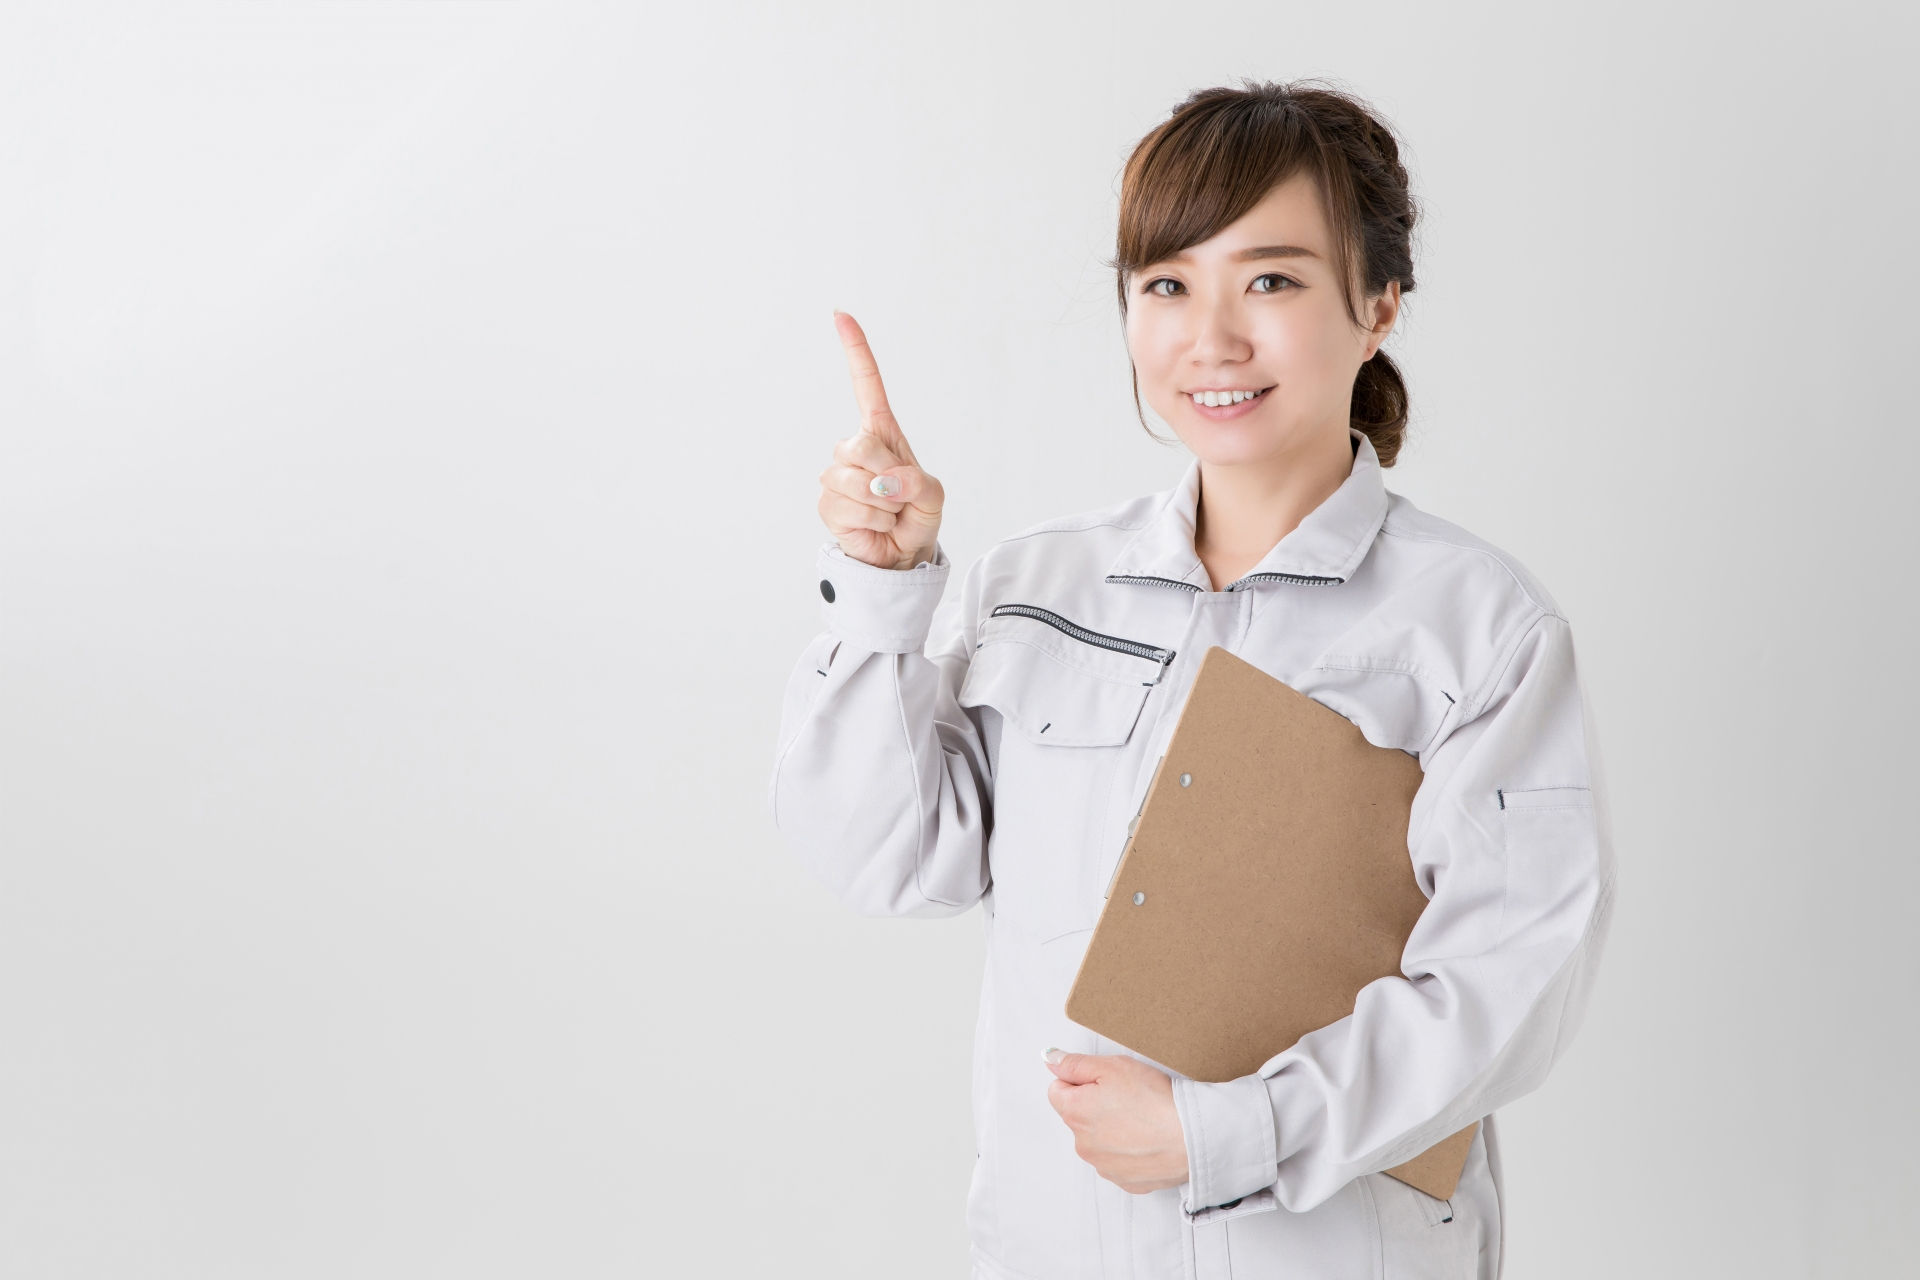 【埼玉県新座市】軽作業スタッフ